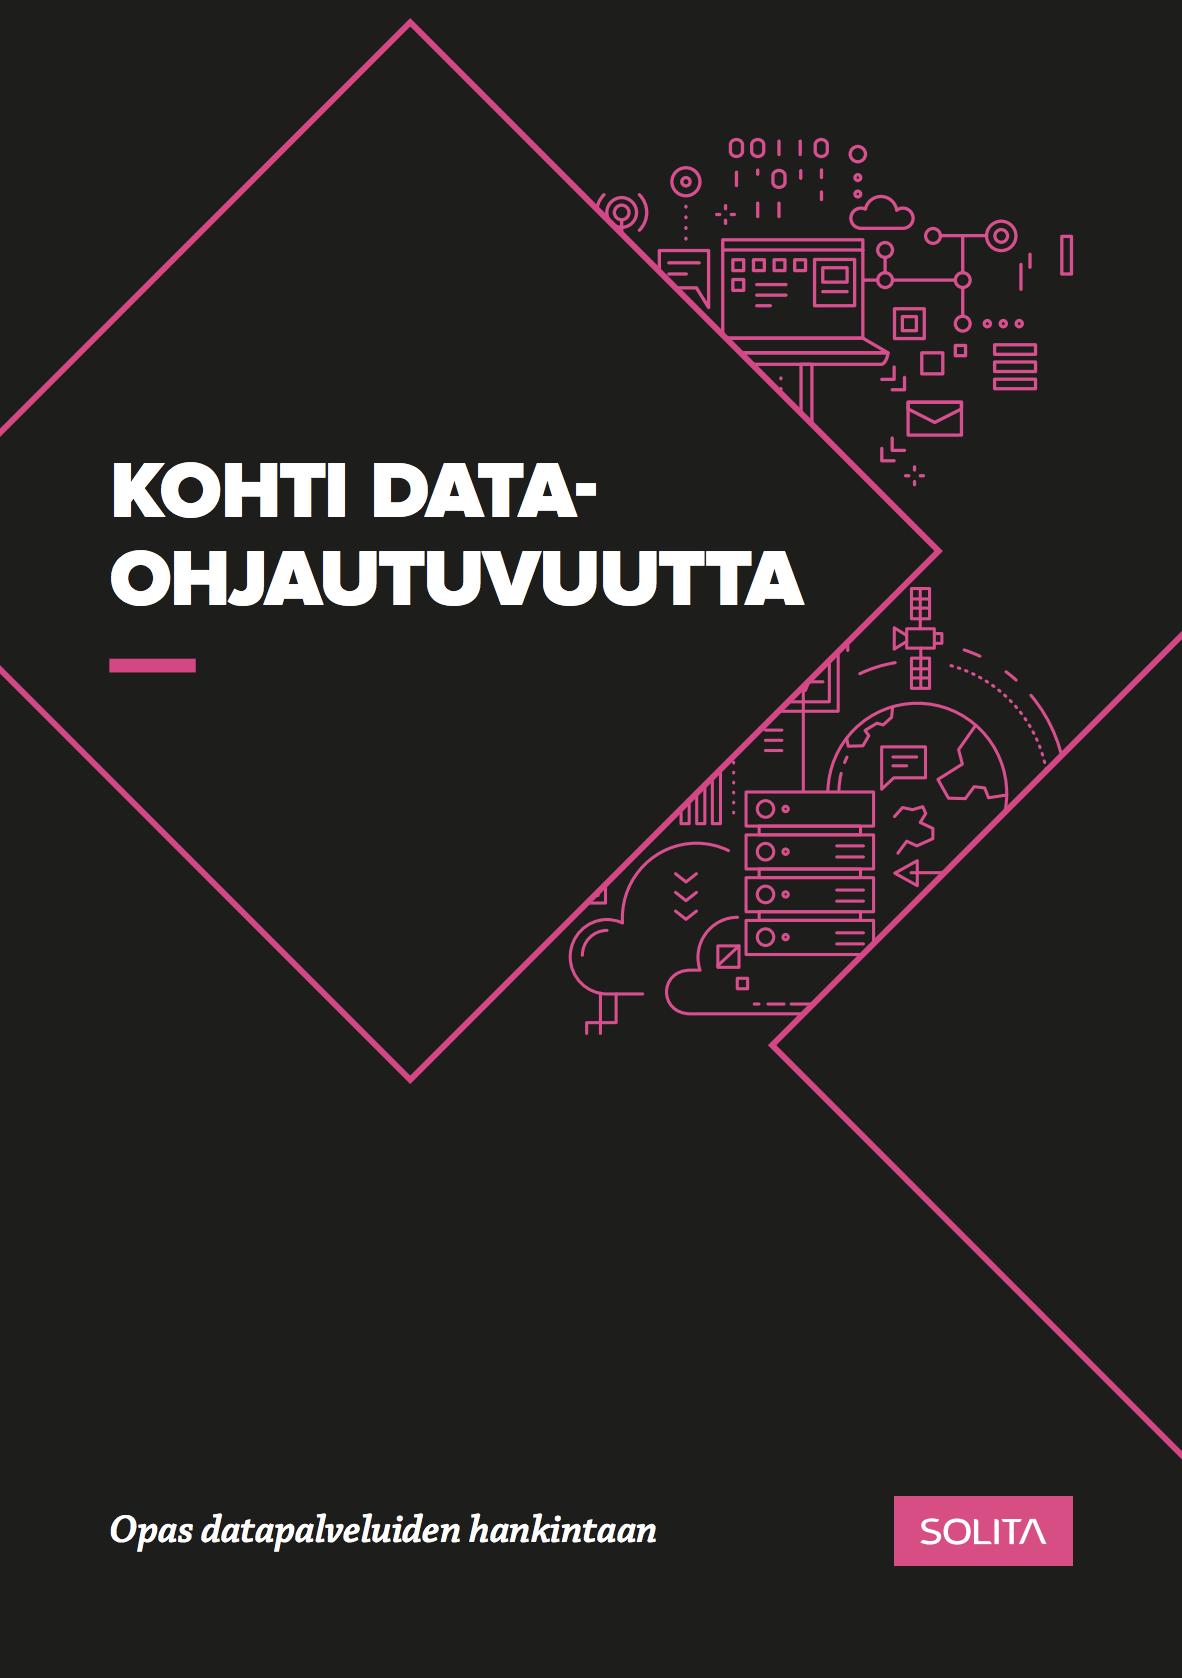 Kohti dataohjautuvuutta - Solita